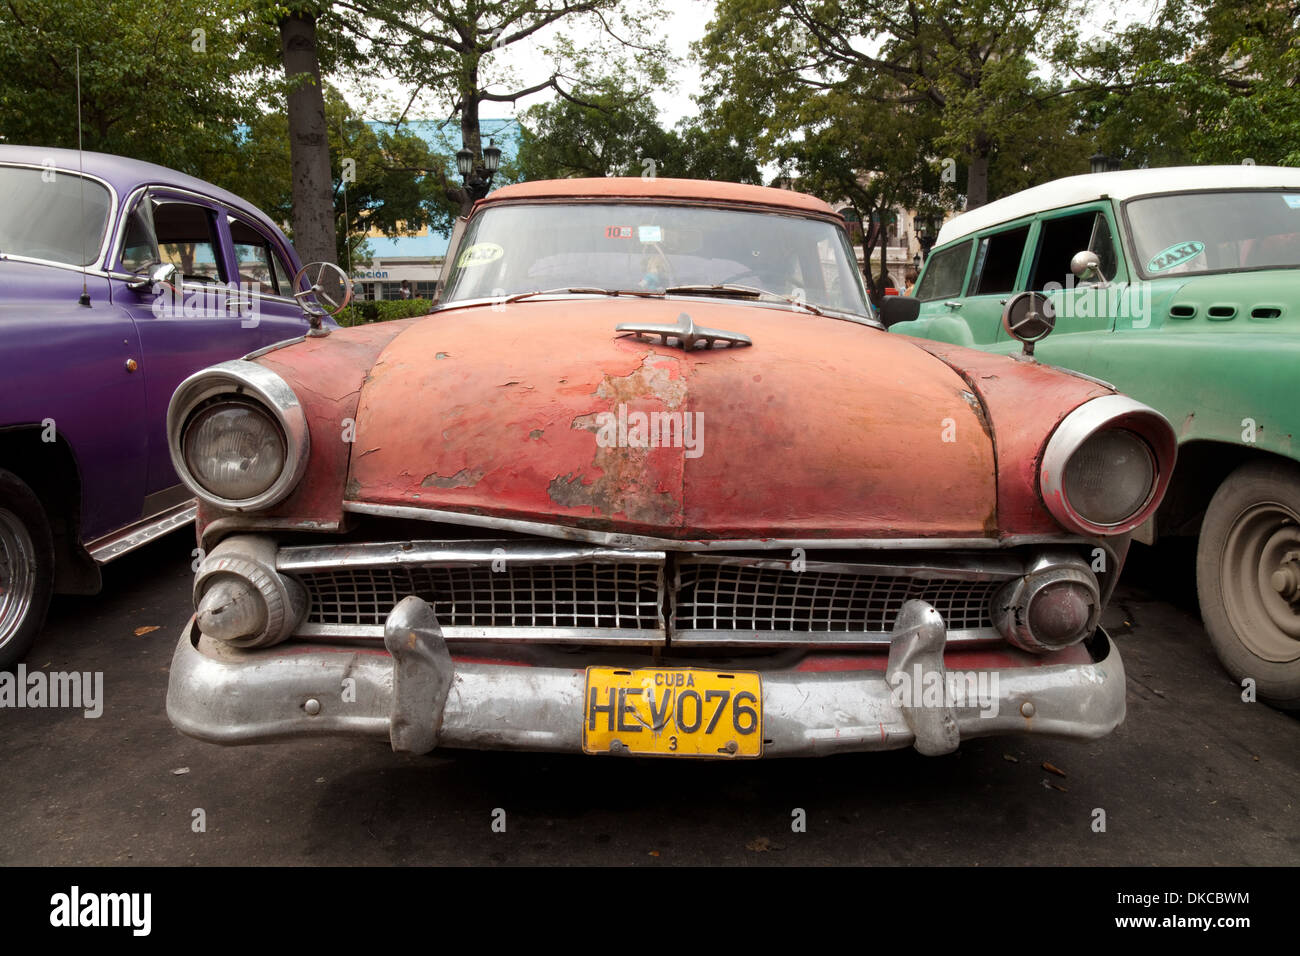 alte amerikanische autos aus den 1950er jahren noch als. Black Bedroom Furniture Sets. Home Design Ideas